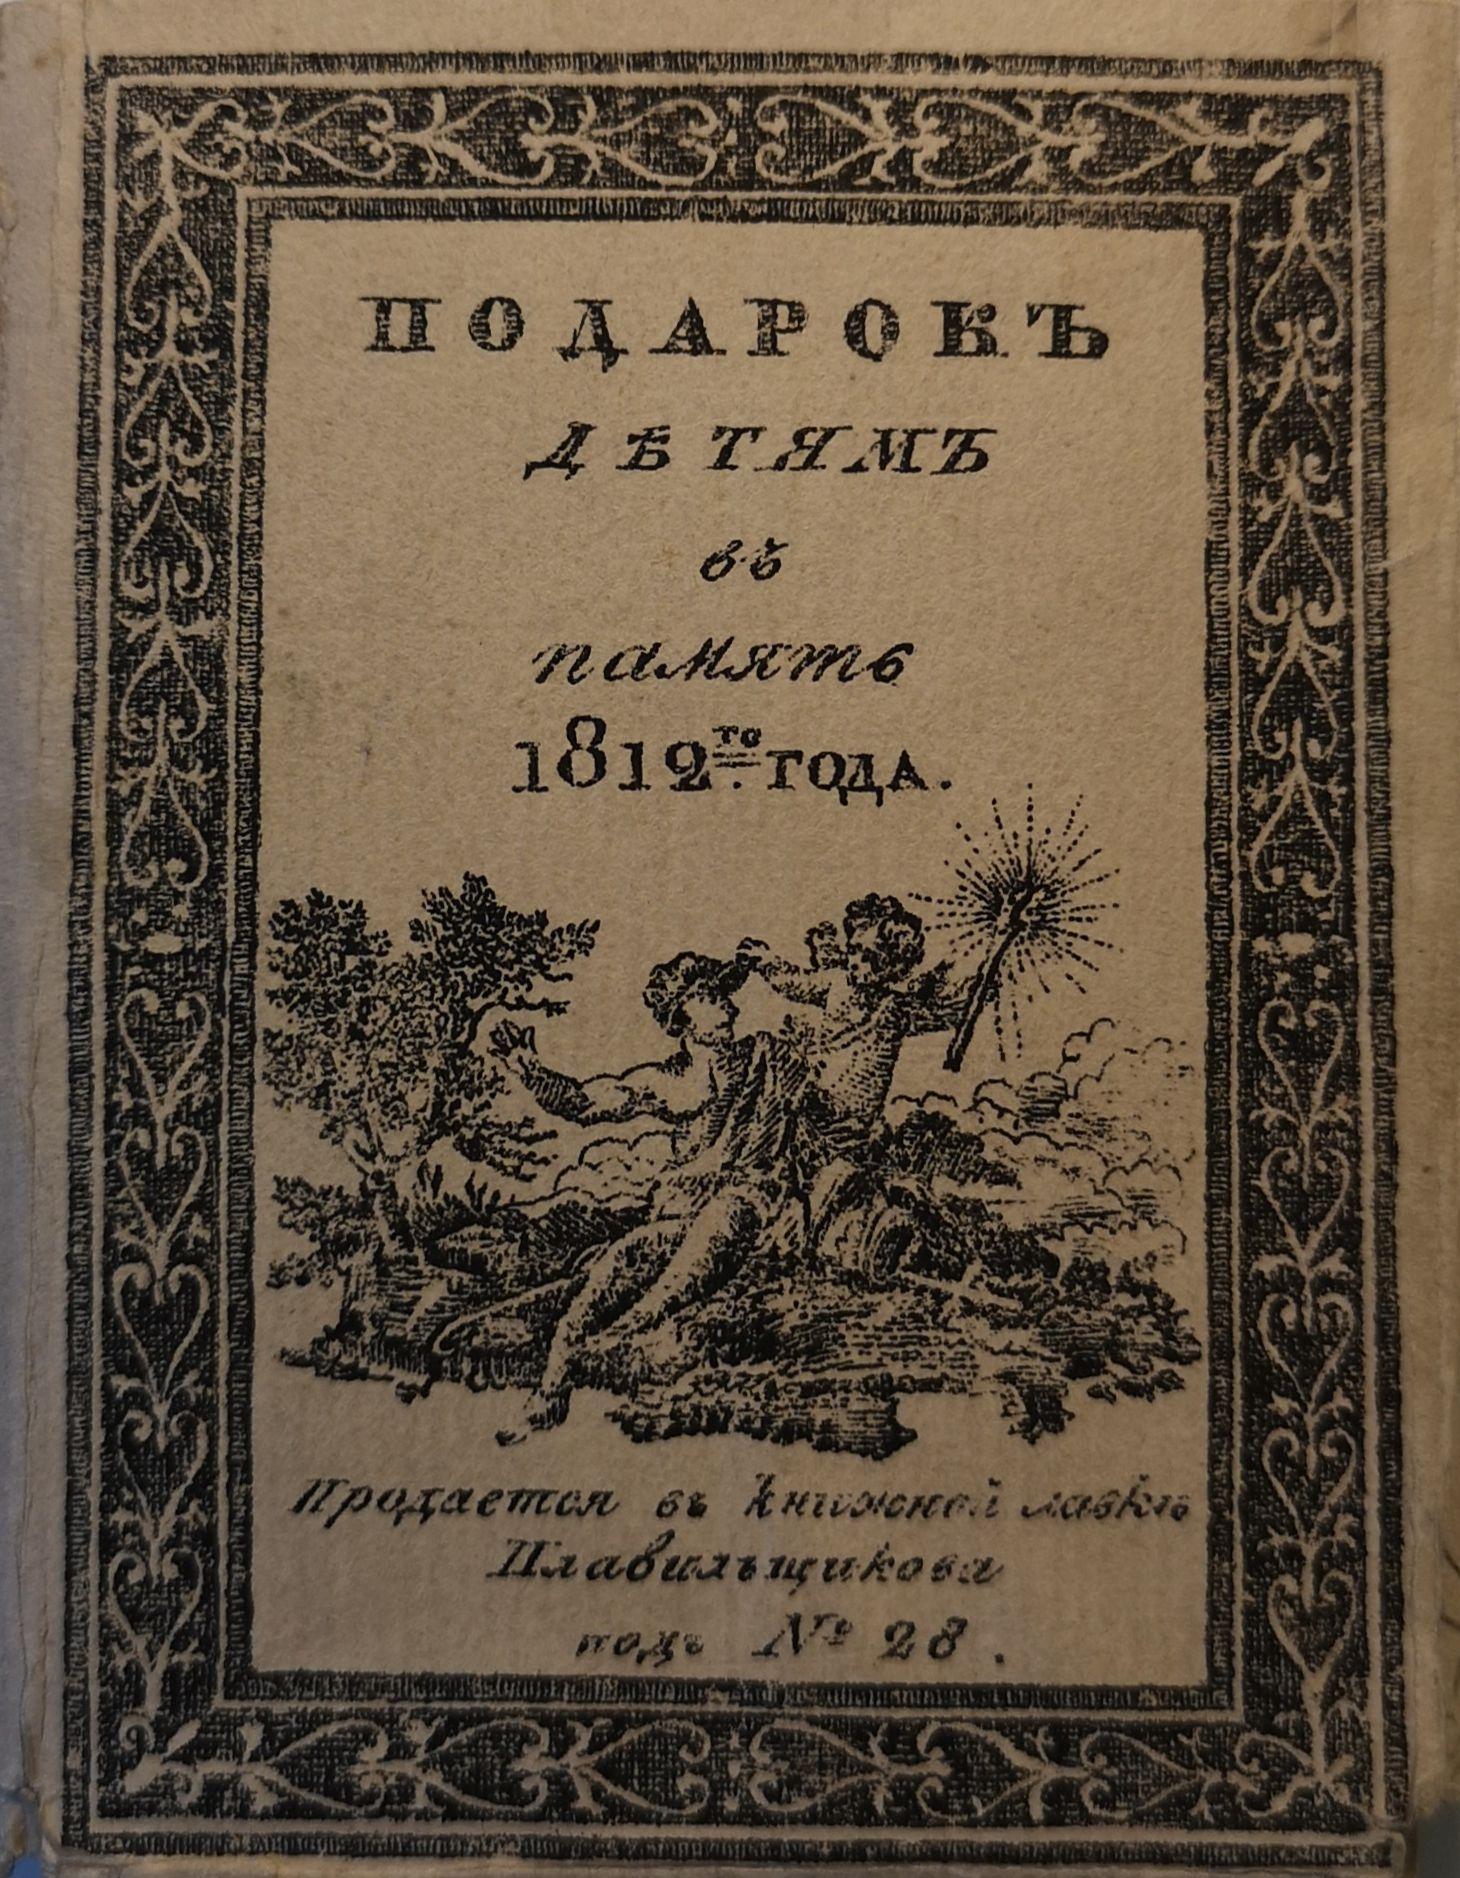 Подарок детям в память 1812 года. Обложка. Типография Плавильщикова.1814 г. Бумага, гравюра